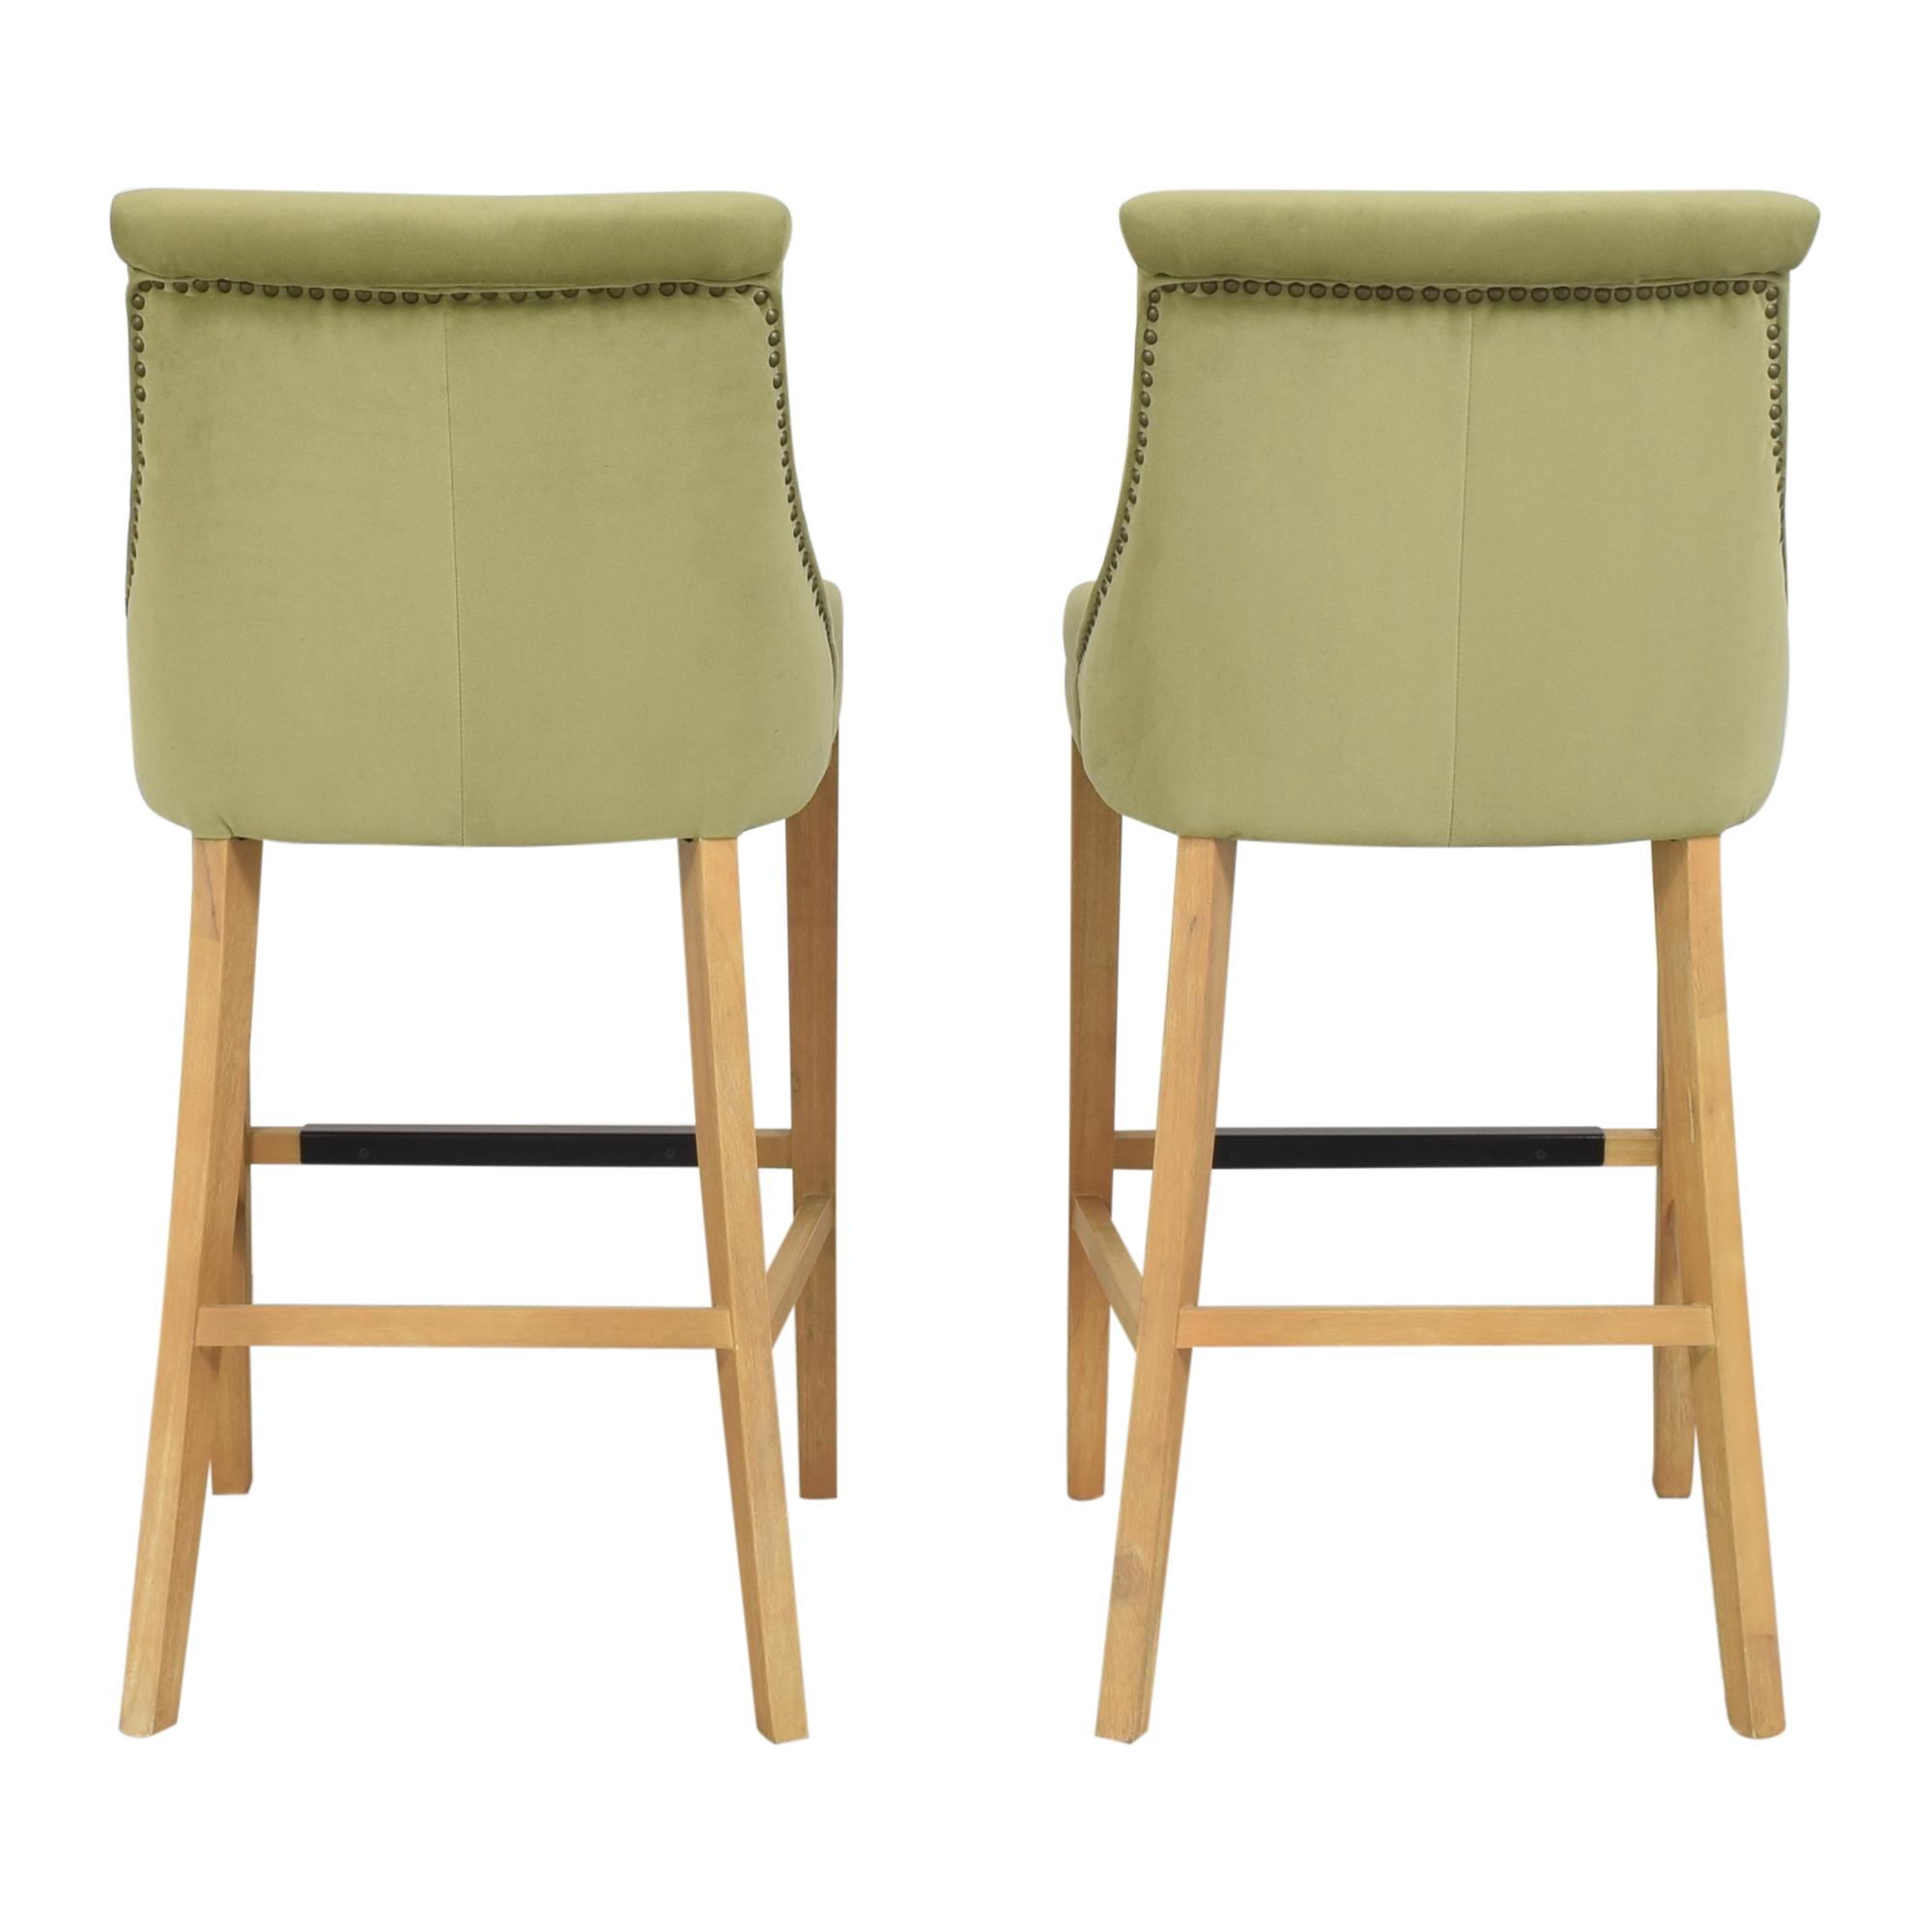 buy Jason Furniture Nailhead Trim Bar Stools Jason Furniture Stools